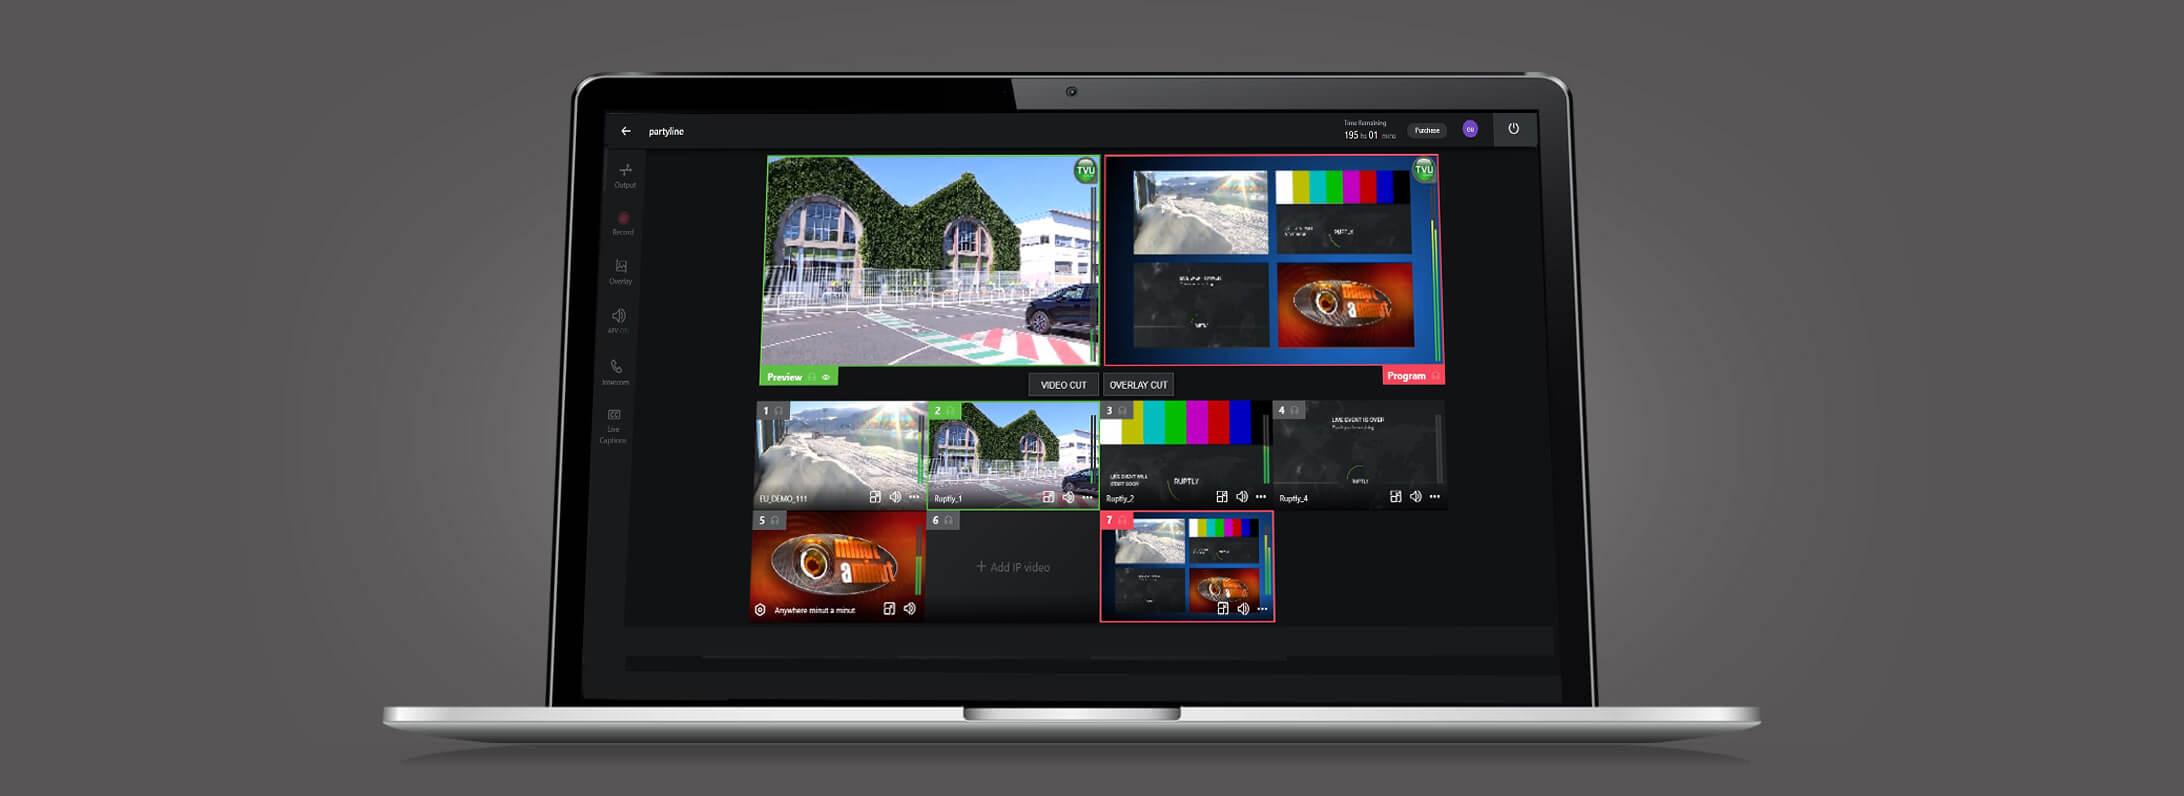 Software de producción de vídeo en directo basado en la nube con múltiples vistas